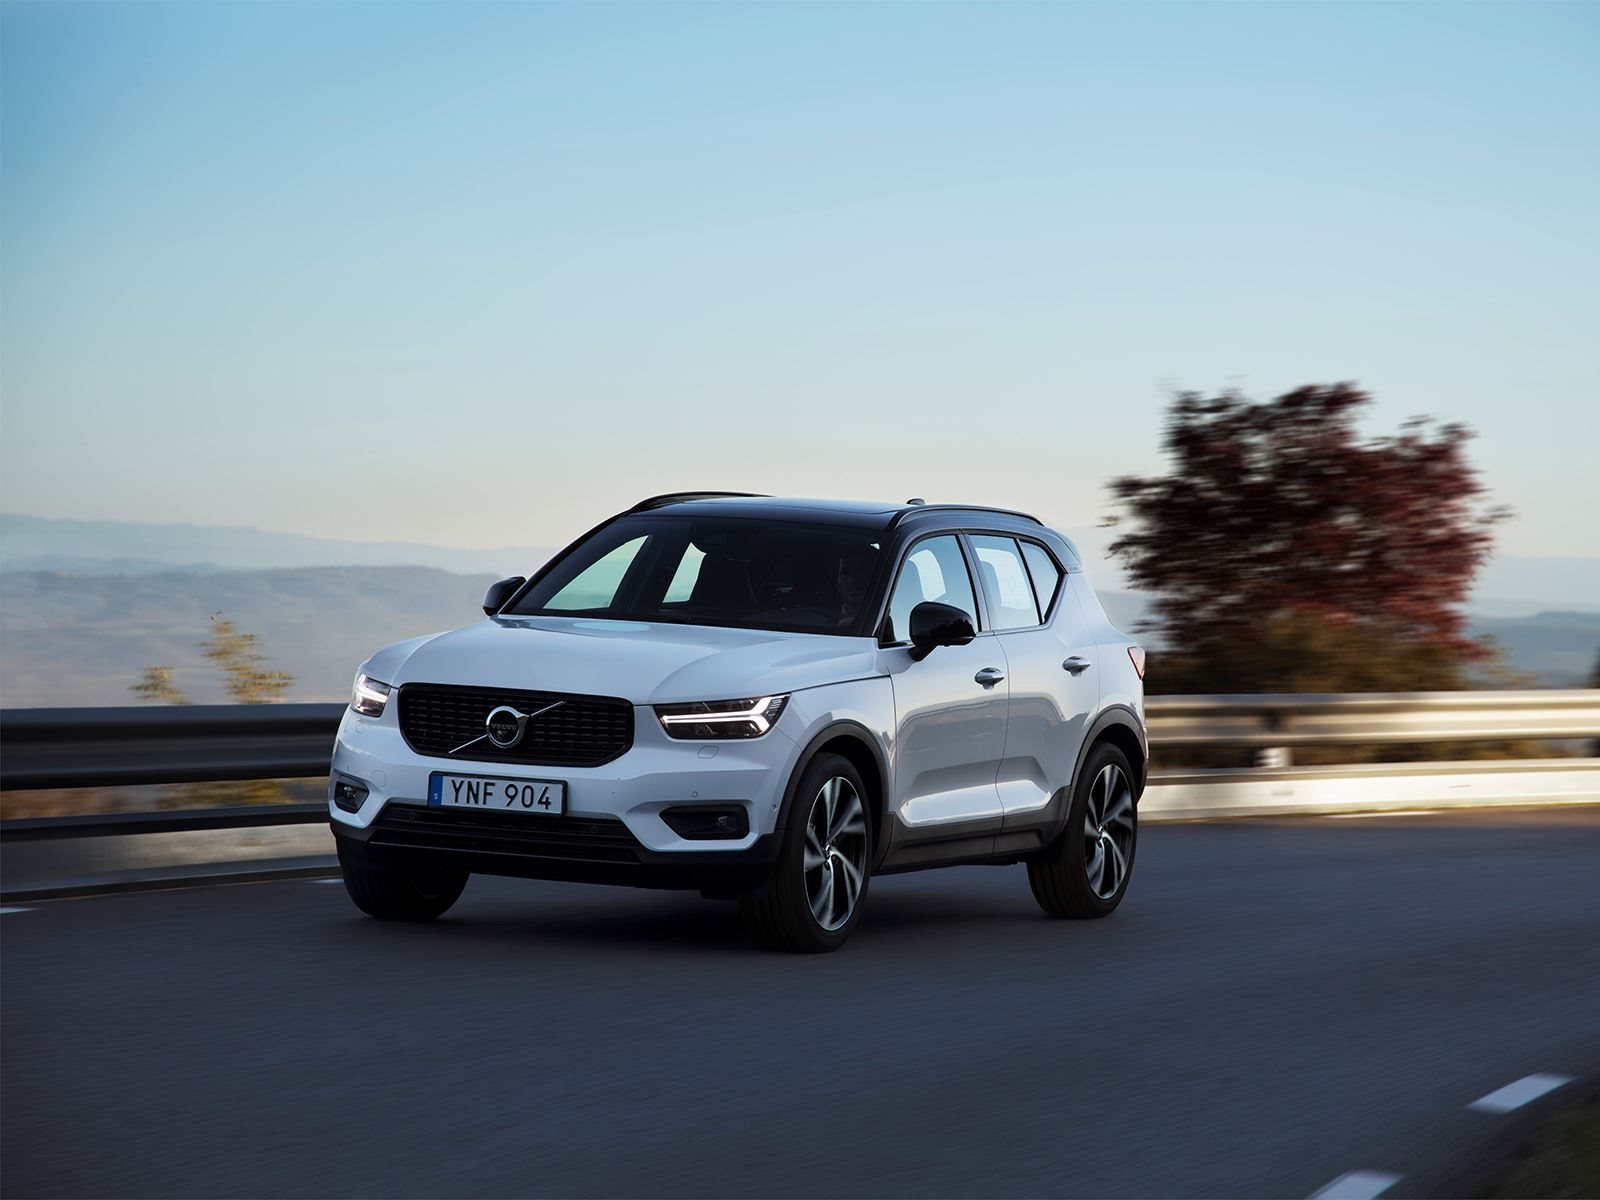 Volvo сейчас находится на подъеме с запуском новых моделей. XC40 стал одной из самых продаваемых моделей бренда, а новое второе поколение V60 поступит в конце этого года. Тем не менее, шведский автопроизводитель заявил, что он не будет запускать новы